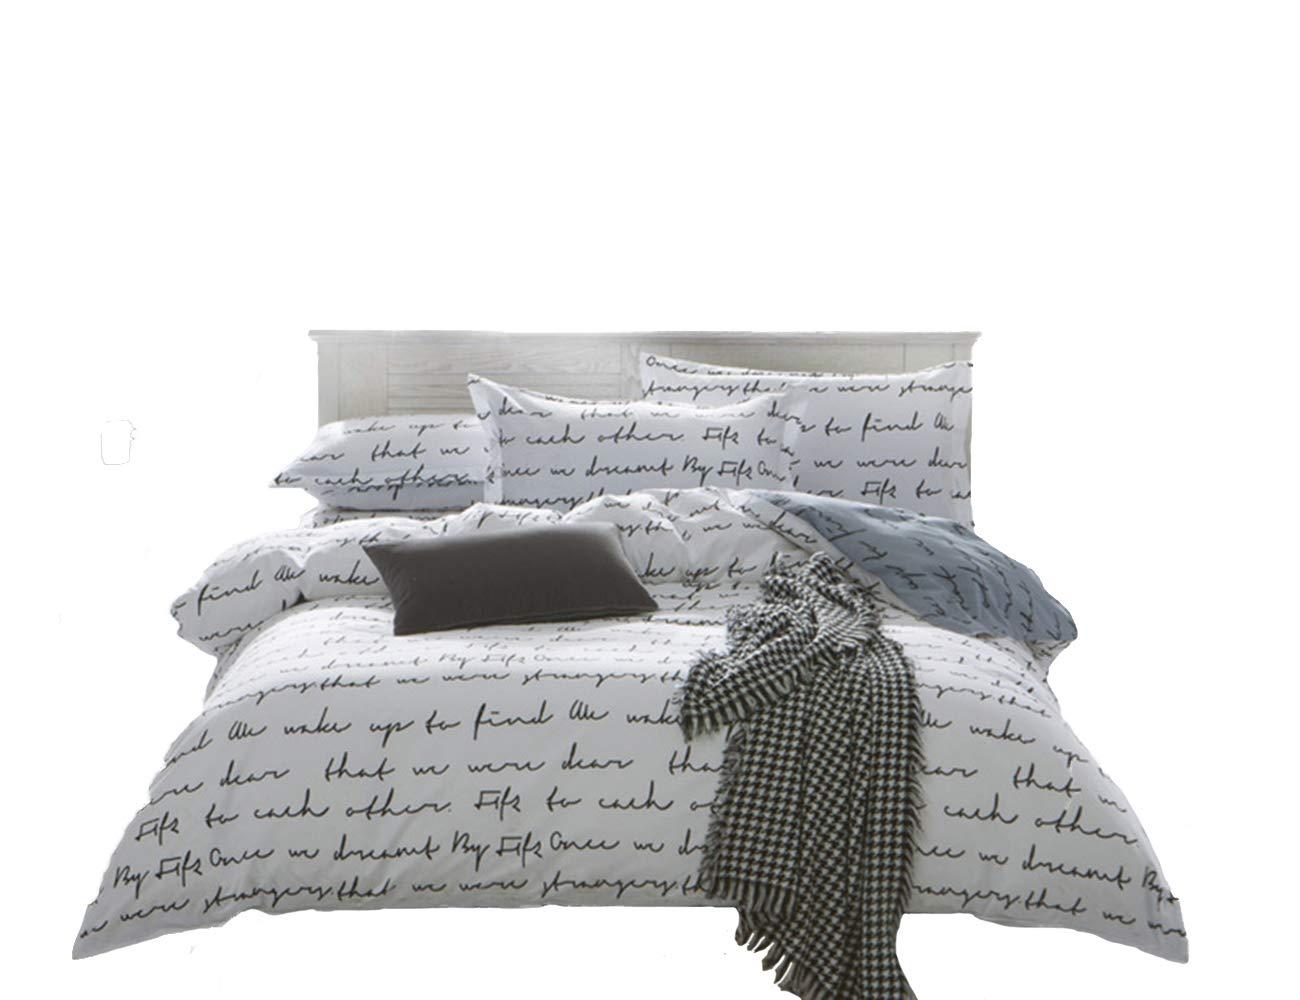 Nokolulu Love Letters Print Duvet Cover Set Premium Modern Teen Boy Girl Bedroom Bedding Set Twin Comforter Cover Zipper Closure,Gifts Family,Him,Her(1 Duvet Cover + 2 Pillow Shams)(Queen White)